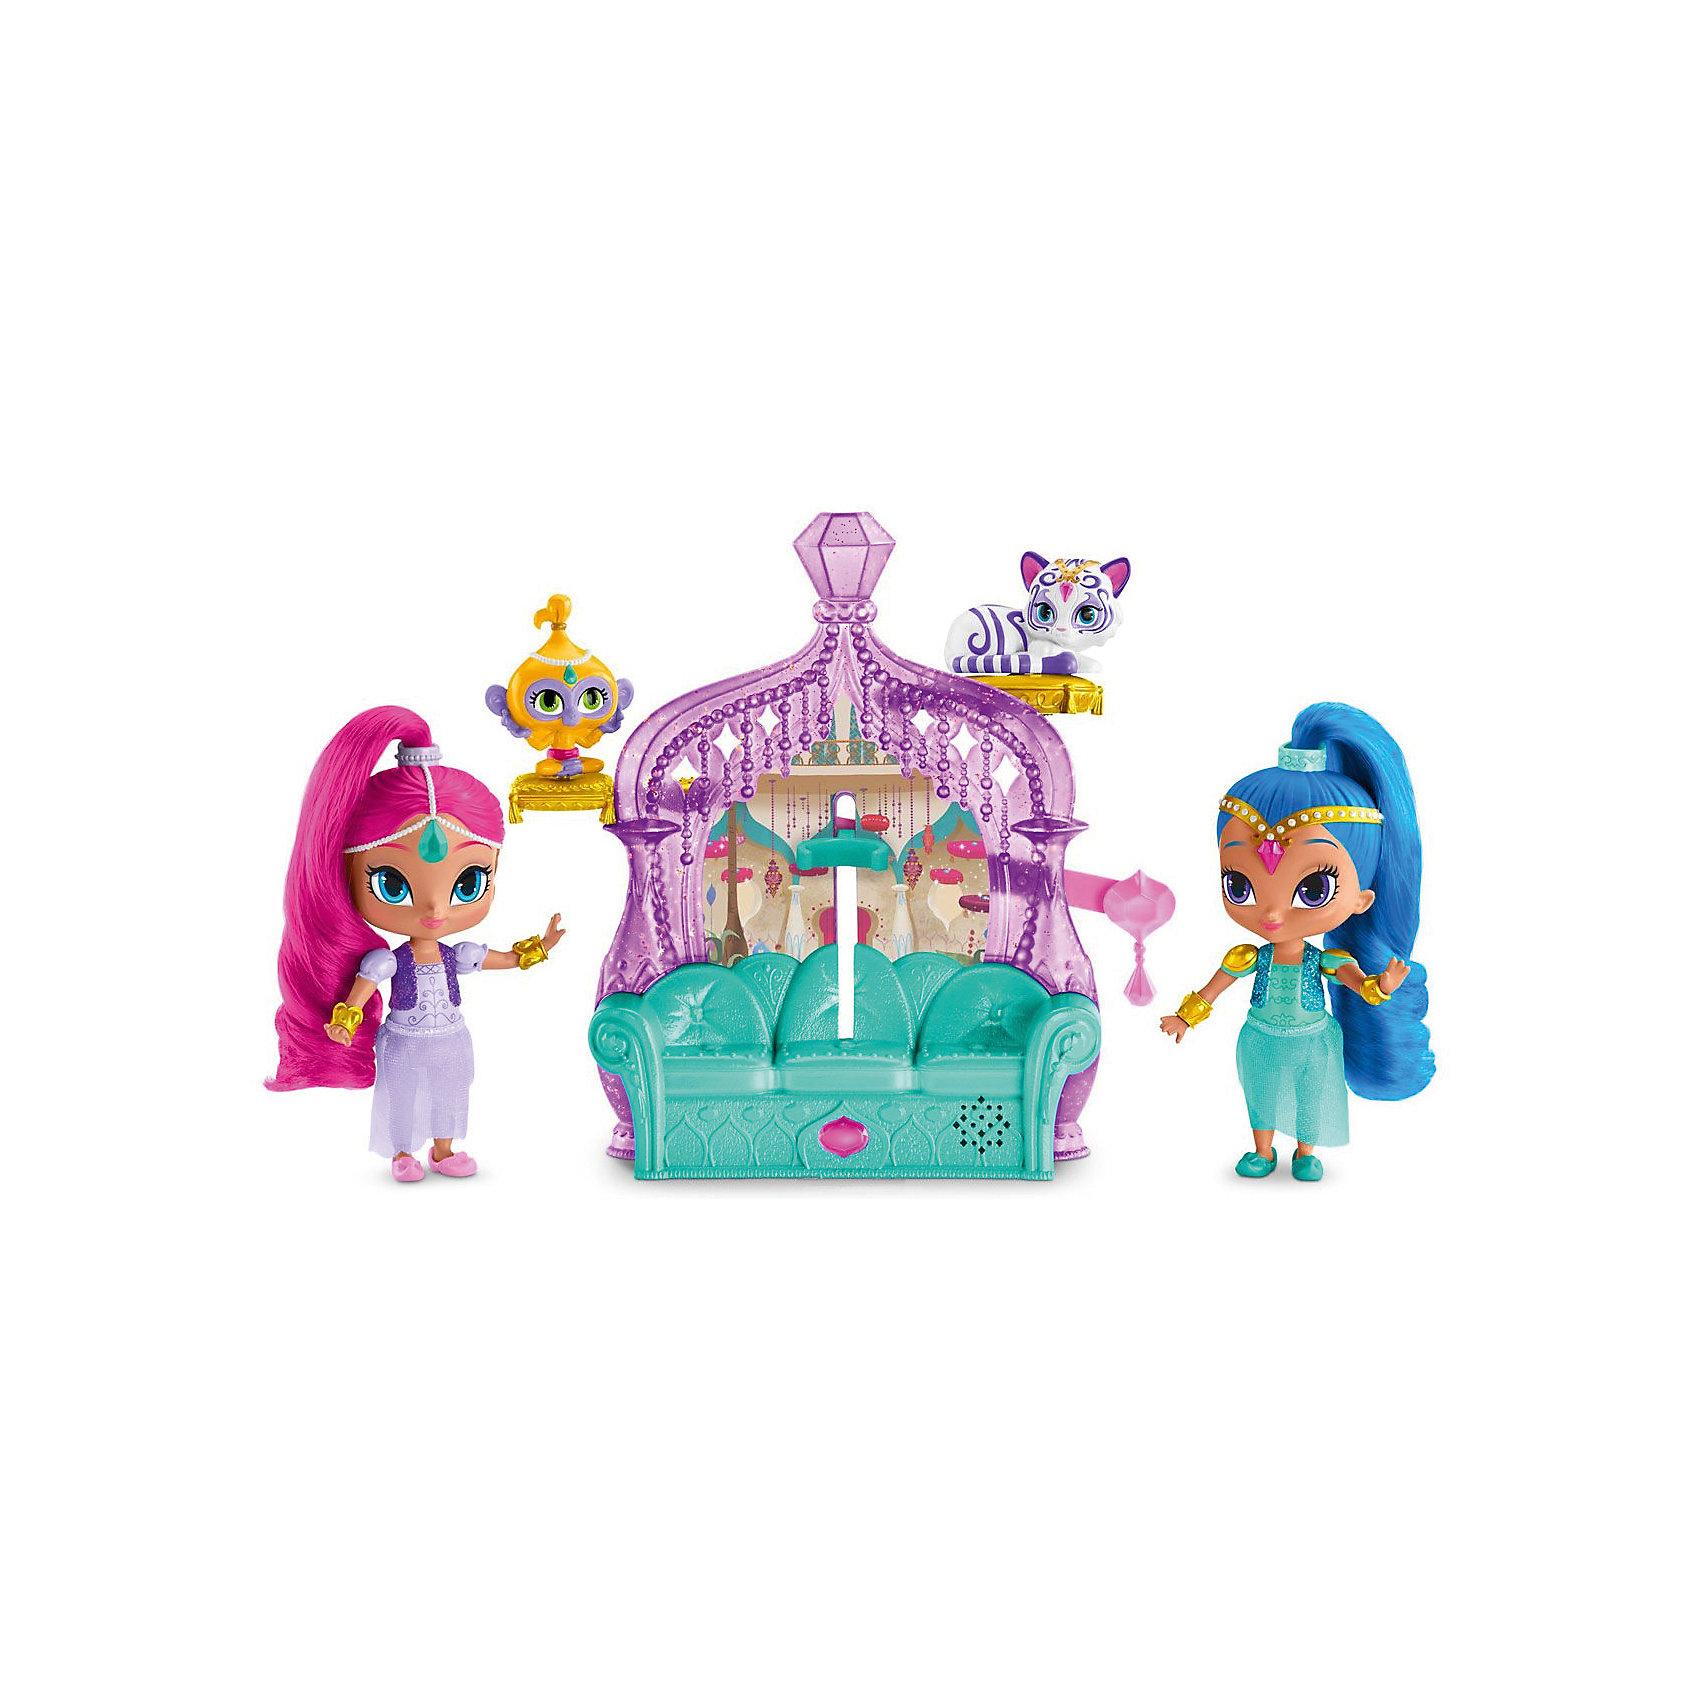 Игровой набор «Волшебный дворец», Shimmer&amp;ShineМини-куклы<br>Игровой набор «Волшебный дворец», Shimmer&amp;Shine (Шиммер и Шайн). <br><br>Характеристика:<br><br>• Материал: пластик, текстиль.     <br>• Комплектация: 2 мини-куклы, 2 питомца, диван, аксессуары  <br>• Размер куклы: 15,2 см.<br>• Тип батареек: 2 x AAA / LR0.3 1.5V (мизинчиковые)<br>• Наличие батареек: входят в комплект<br>• Использовать на твердой плоской поверхности.<br><br>В набор входят куклы Shimmer and Shine с блестящими мягкими волосами, одетые в оригинальные восточные костюмы. Диванчик выполняет роль игрового модуля. Стоит посадить на него одну из героинь, закрепить ее с помощью специального механизма и потянуть за специальных рычажок, маленькая волшебница споет ребенку песенку или произнесет одну из коронных фраз. Игровой процесс будет сопровождаться сиянием драгоценных камней, которые украшают диван.<br><br>Игровой набор «Волшебный дворец», Shimmer&amp;Shine (Шиммер и Шайн) можно купить в нашем интернет-магазине.<br><br>Ширина мм: 430<br>Глубина мм: 80<br>Высота мм: 280<br>Вес г: 830<br>Возраст от месяцев: 36<br>Возраст до месяцев: 120<br>Пол: Женский<br>Возраст: Детский<br>SKU: 5378171